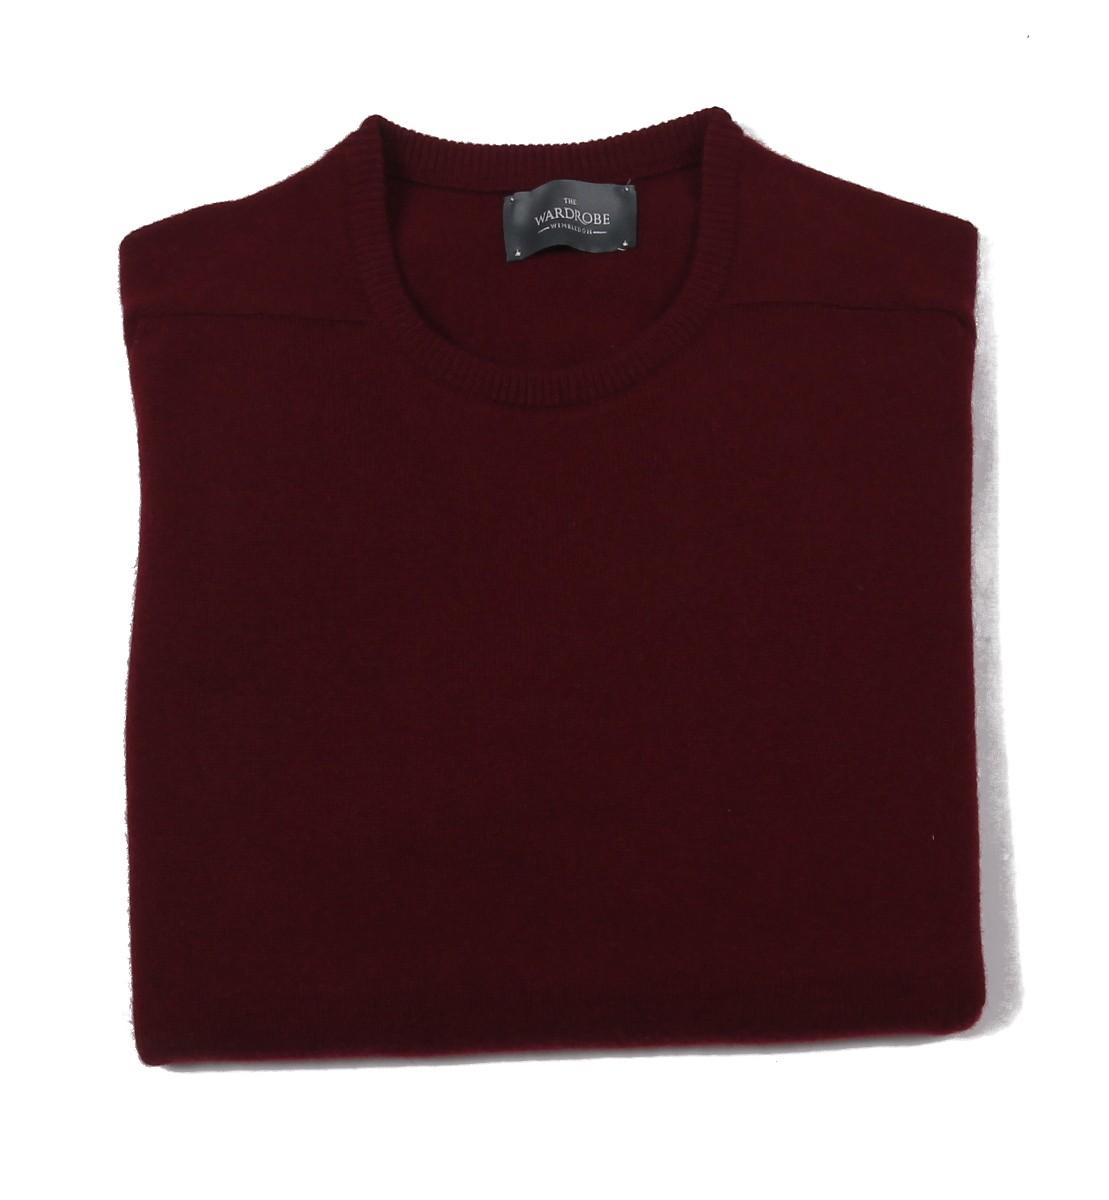 The Wardrobe Sweater: Bordeaux